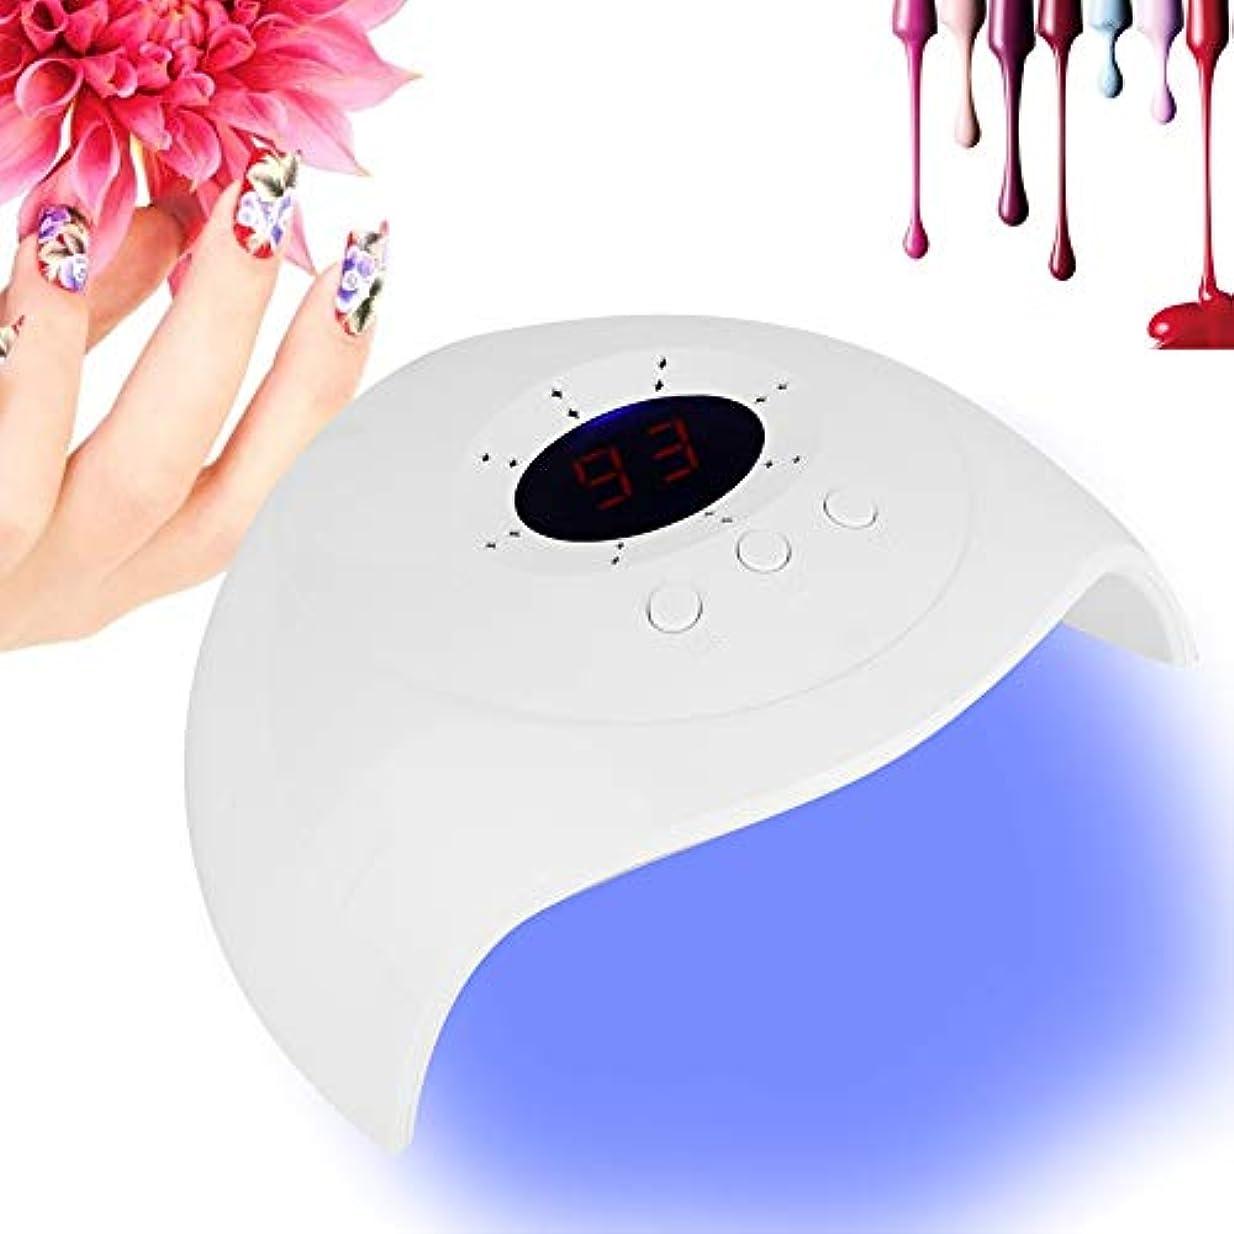 36W ネイルポリッシュ ドライヤー ランプデュアル 光源 LED UV ジェルネイルポリッシュ ドライヤー 硬化ランプ